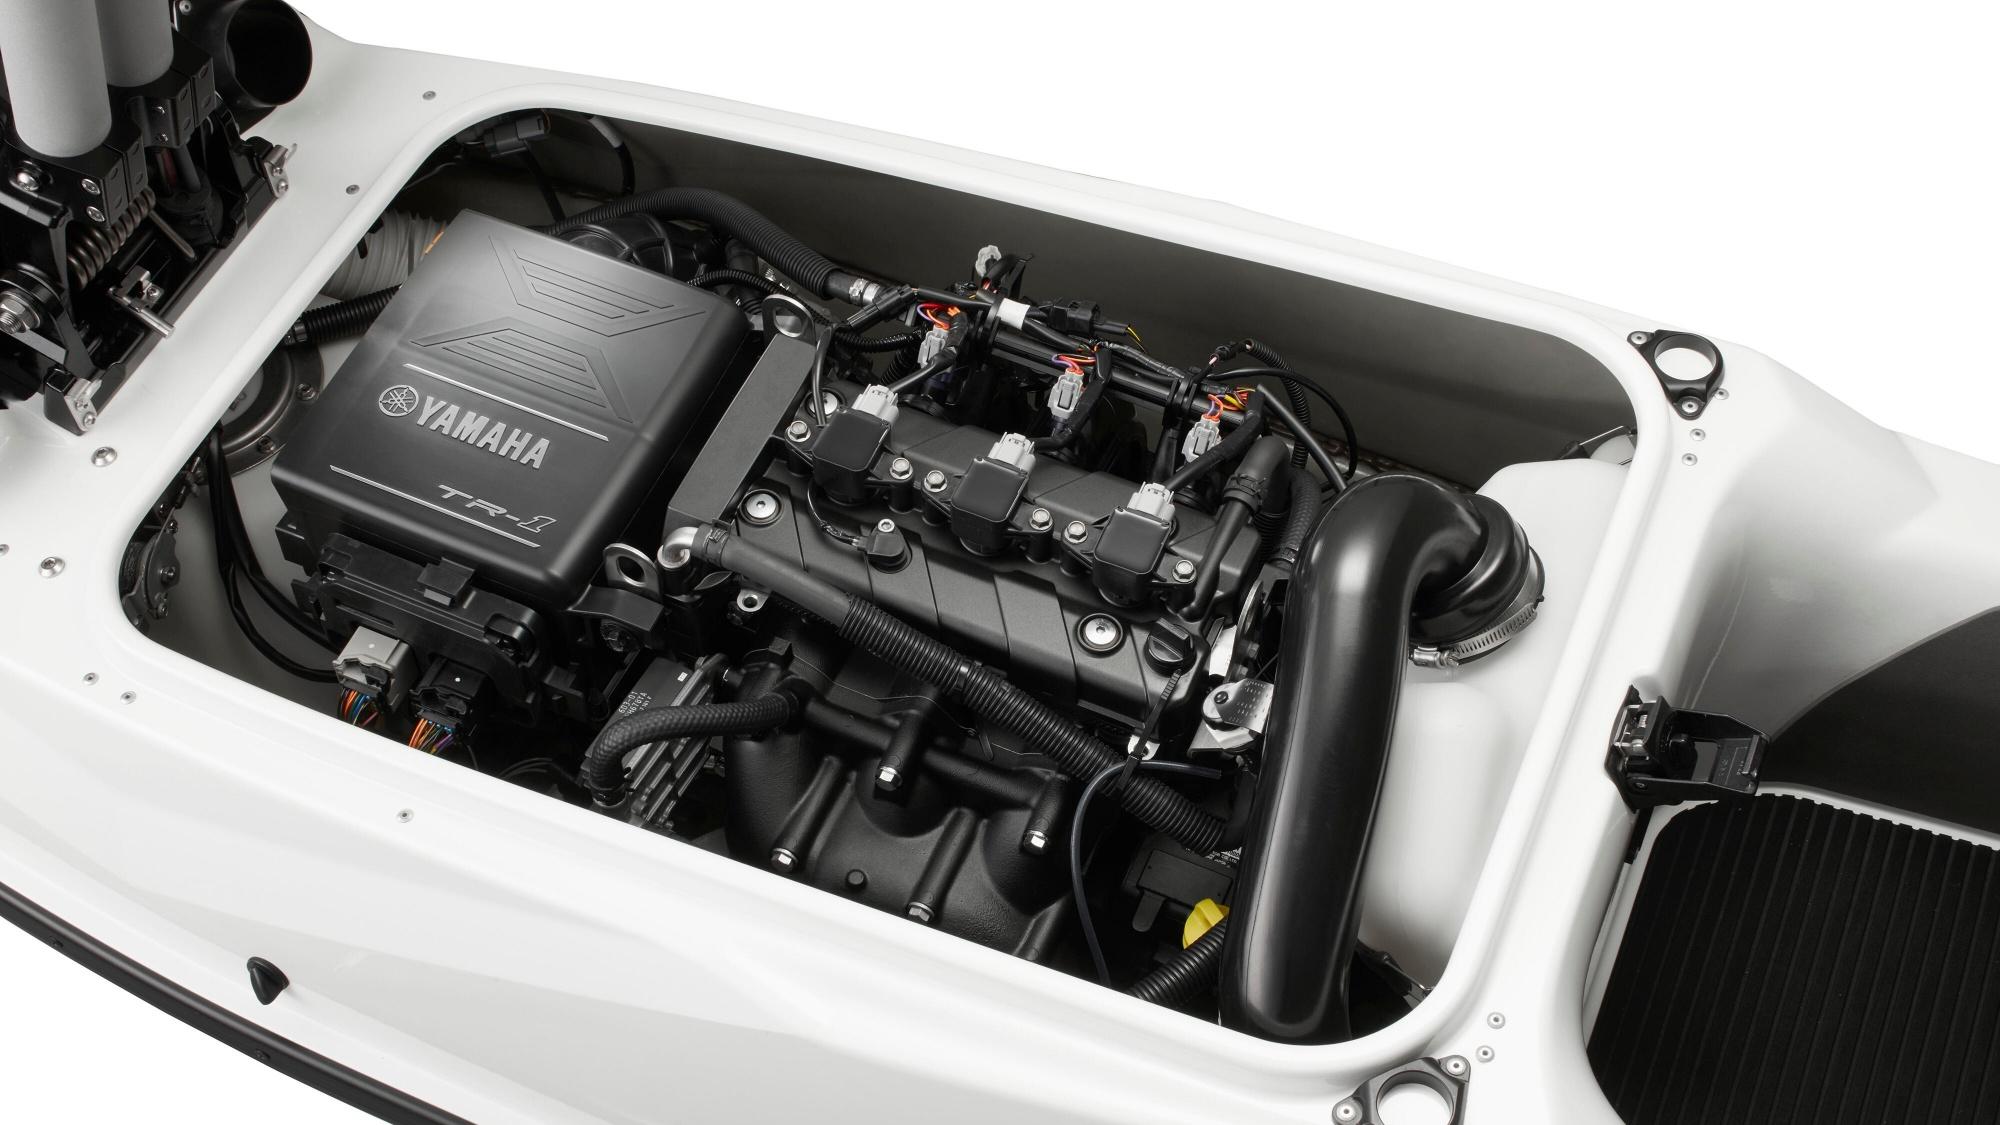 Yamaha superjet - 2021_Superjet_Detail_06